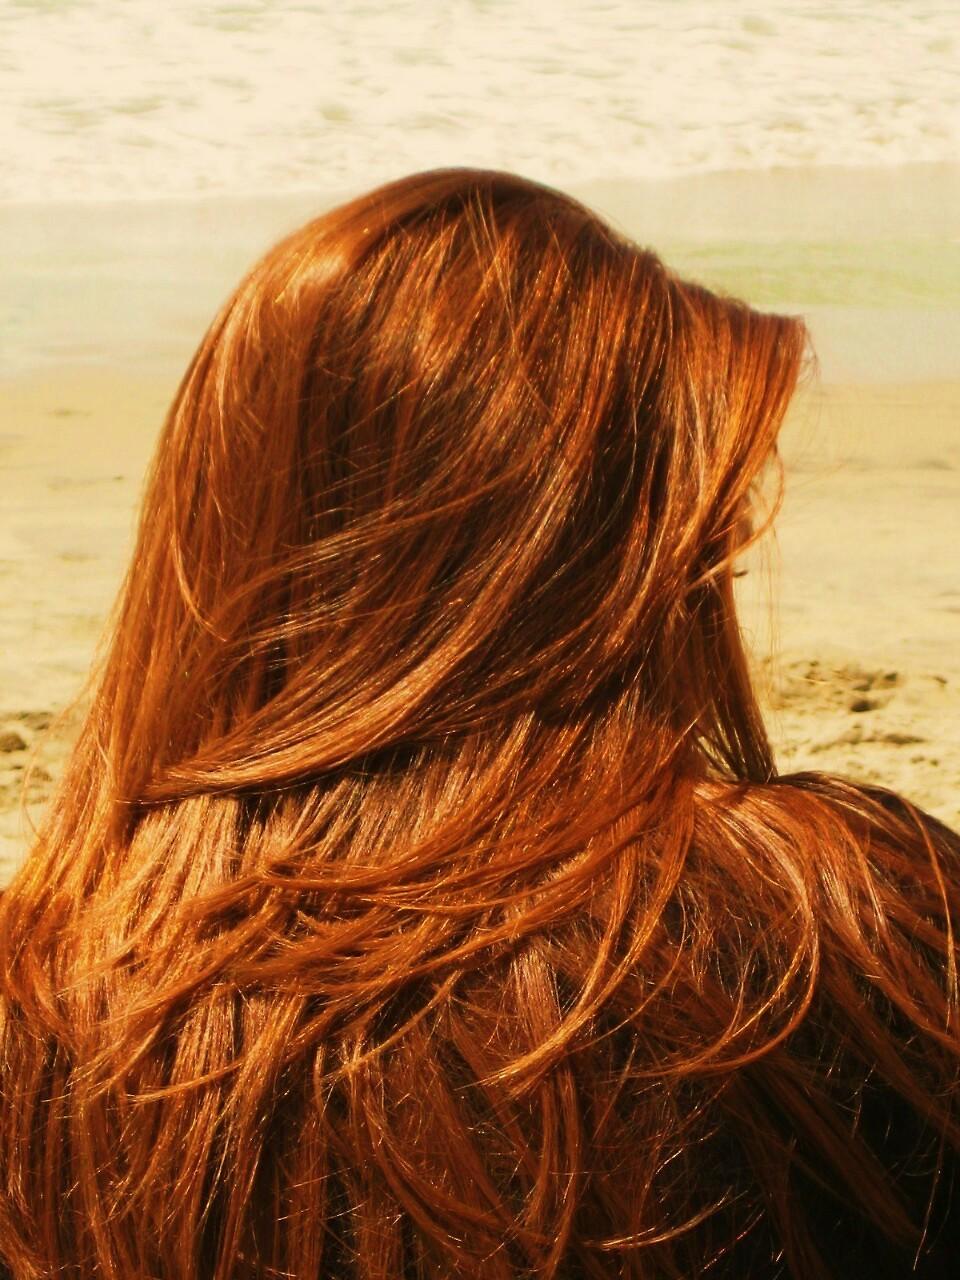 герасим фото одной рыжей девушки со спины аппетитные половинки